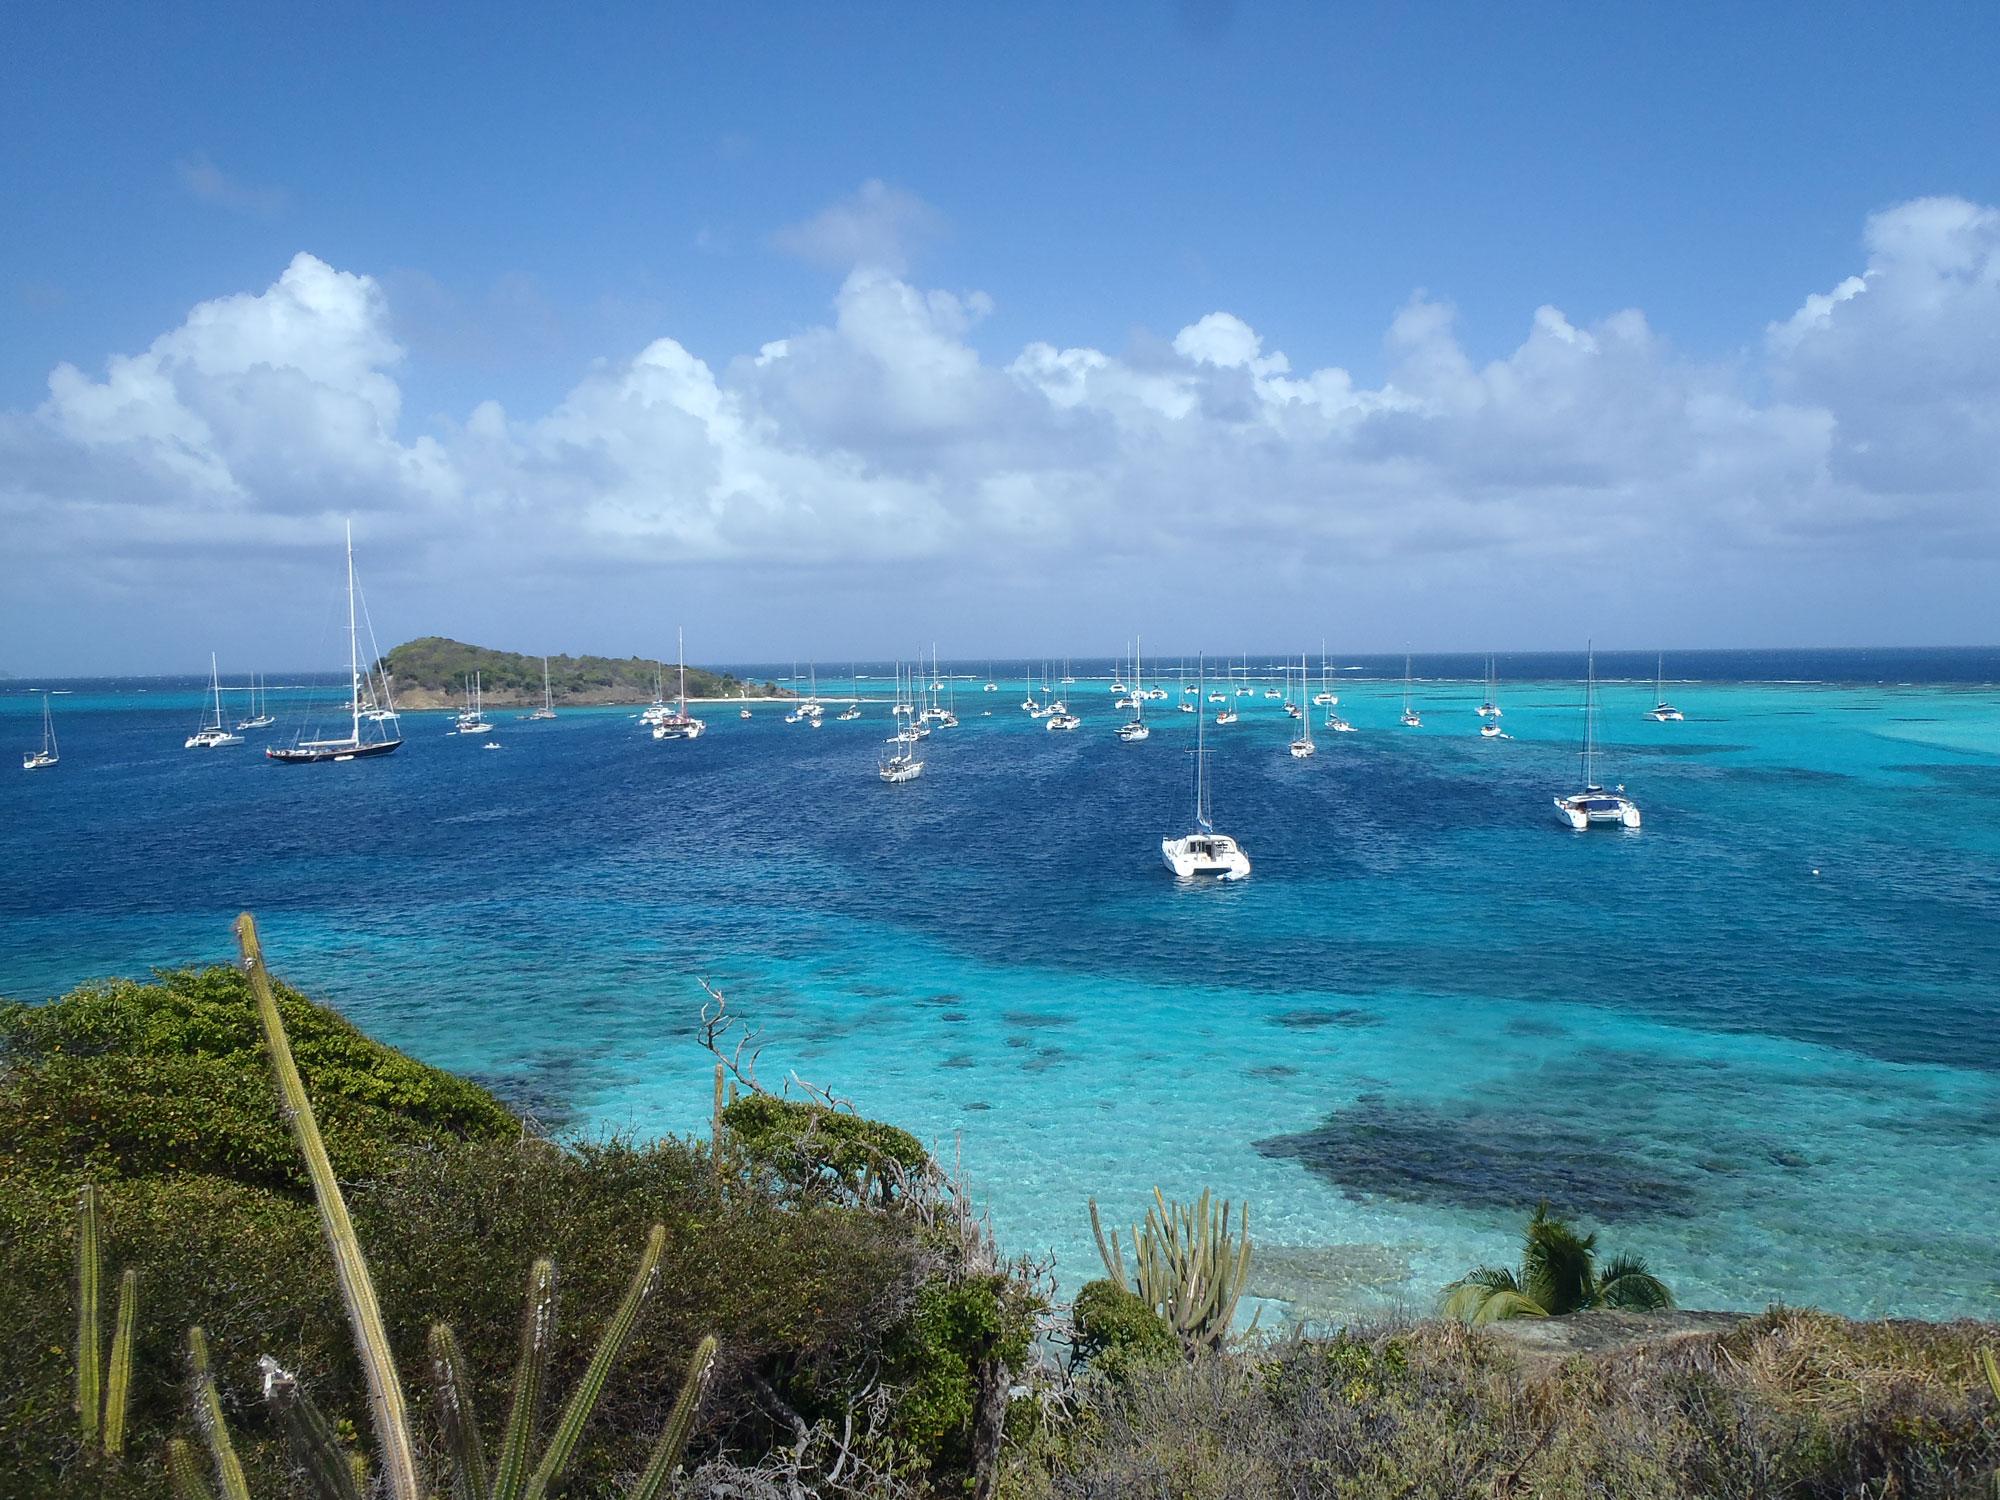 Partez pour une croisière voile et plongée en catamaran avec skipper au coeur des Grenadines et découvrez la superbe île des Tobago Cays !